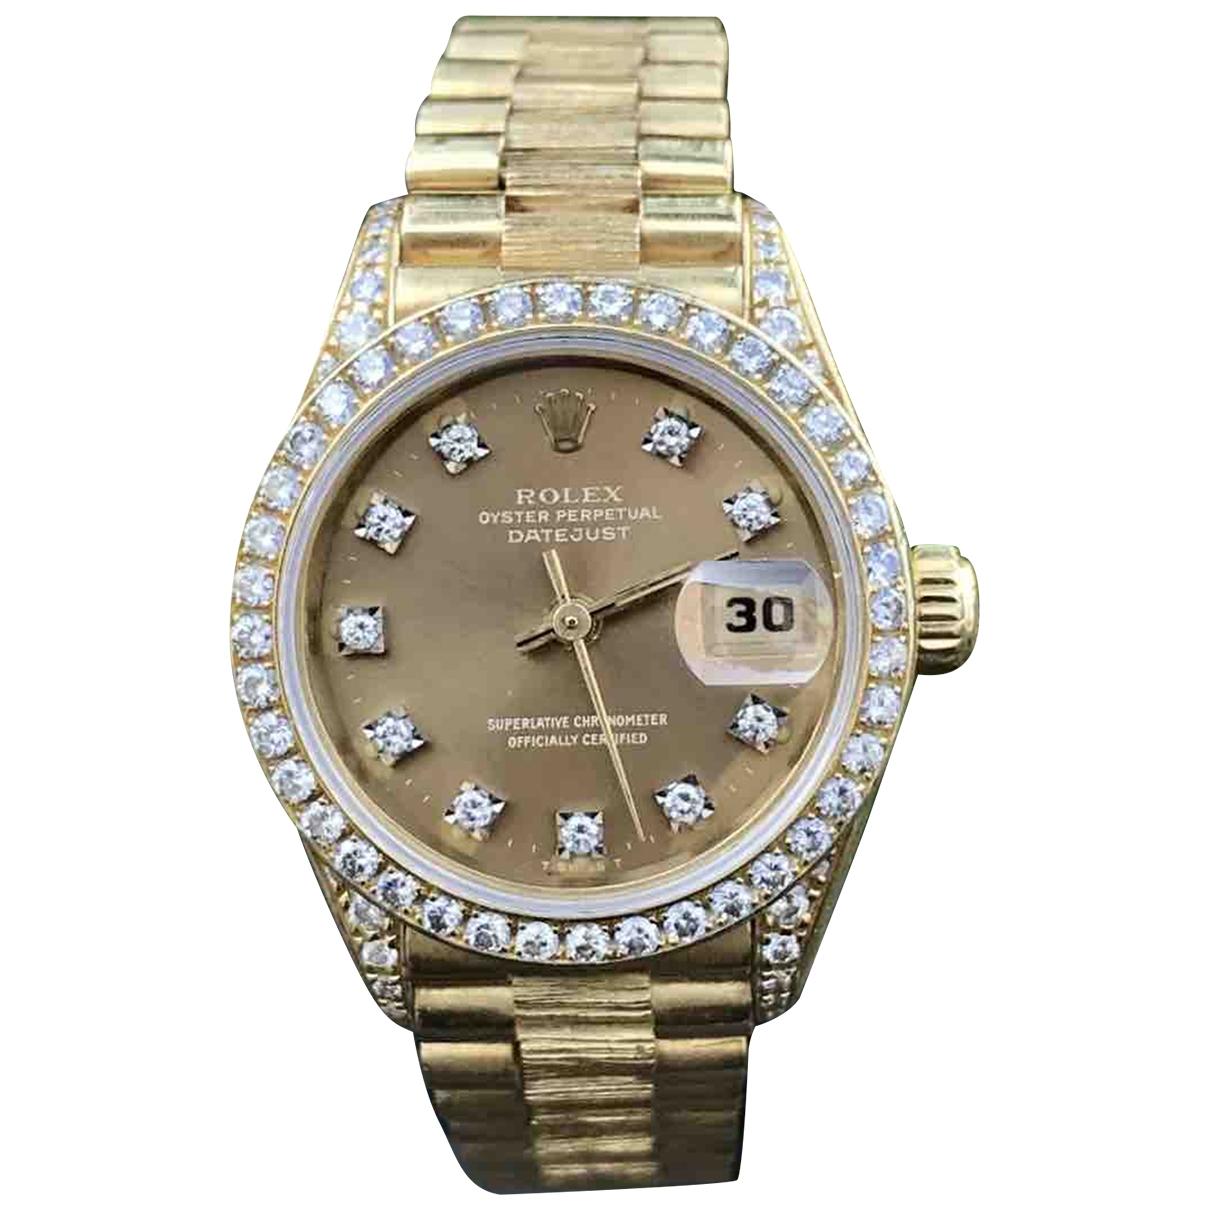 Rolex Lady DateJust 26mm Uhr in  Gold Gelbgold